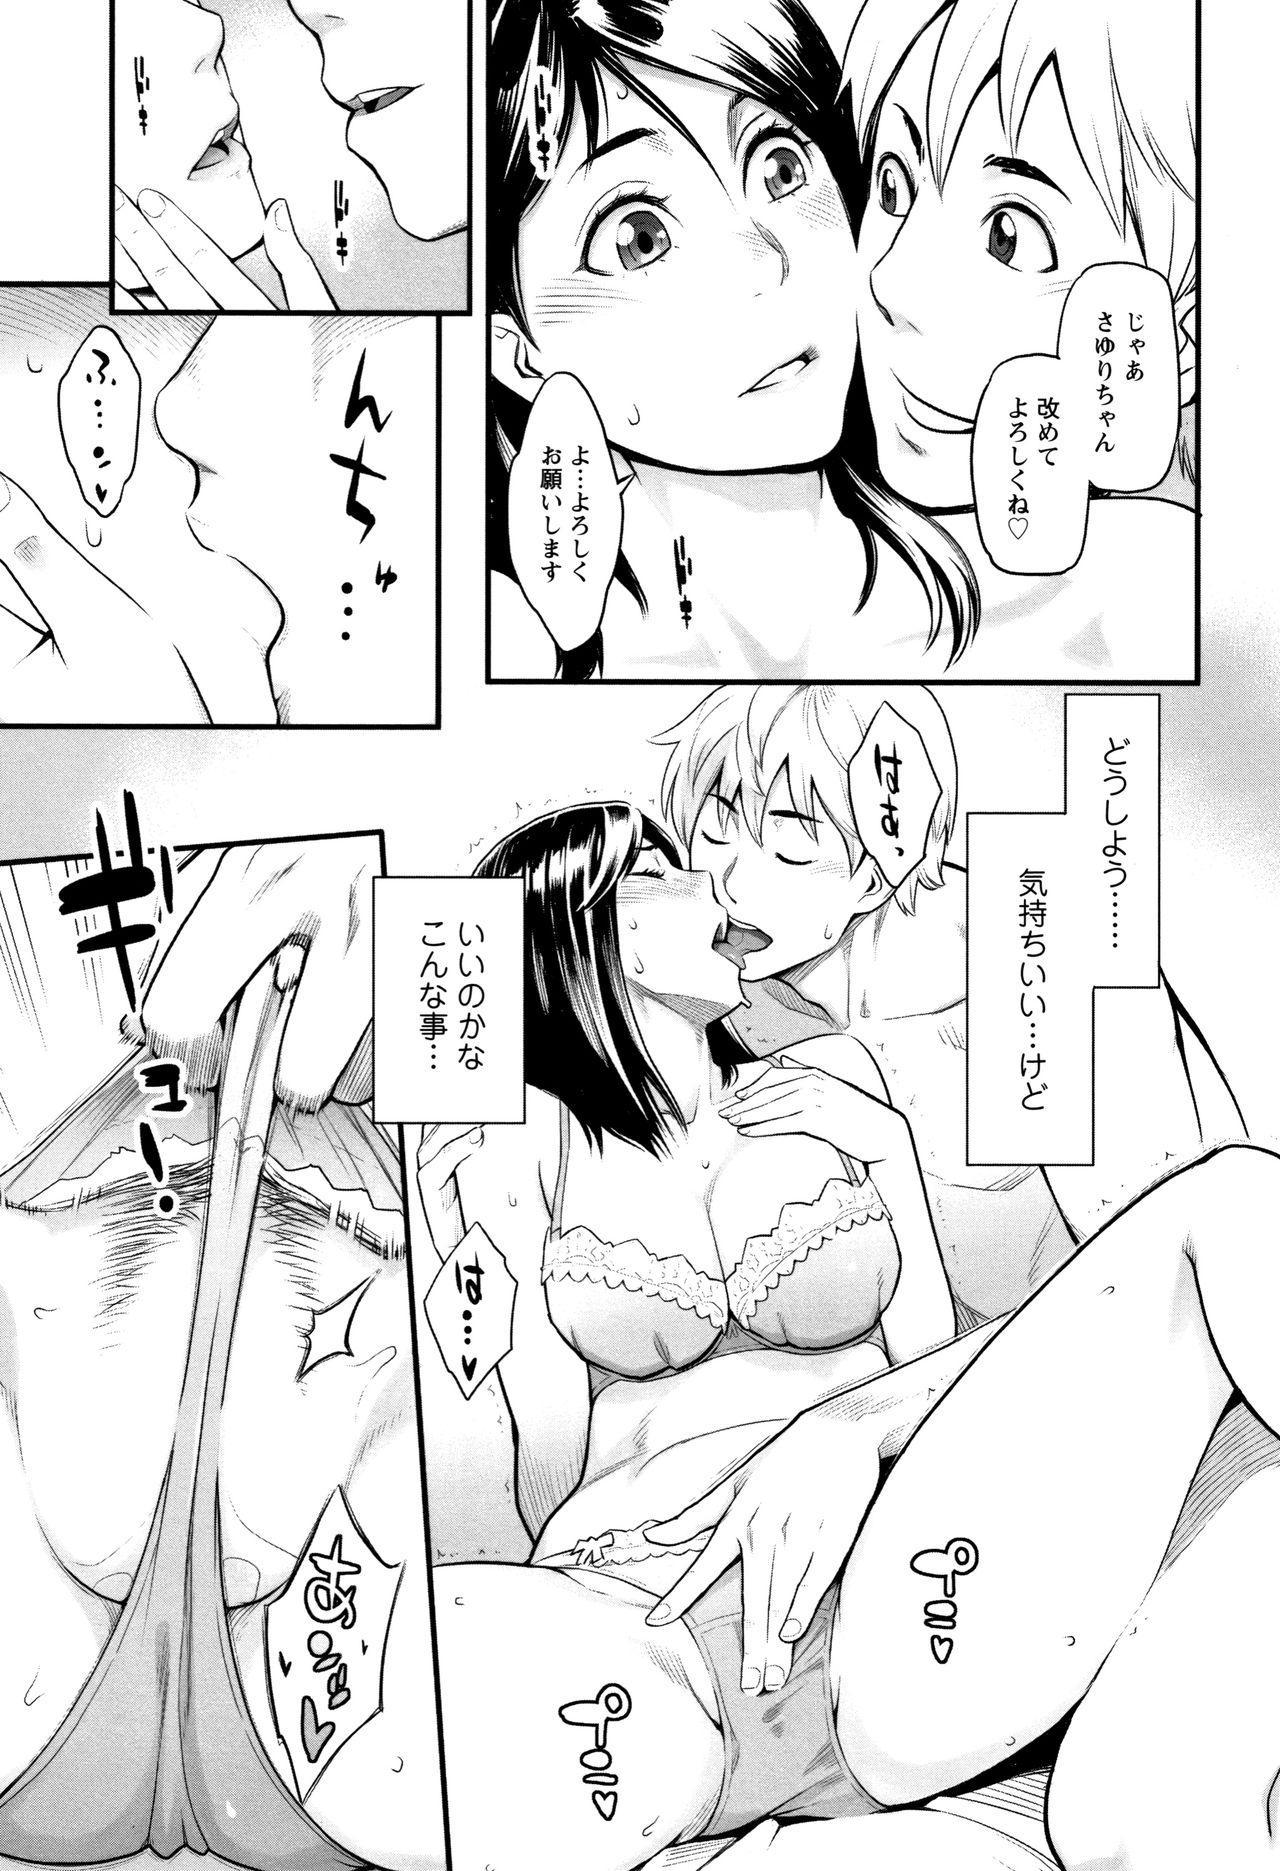 Toketa Risei wa Biyaku no Kaori 31